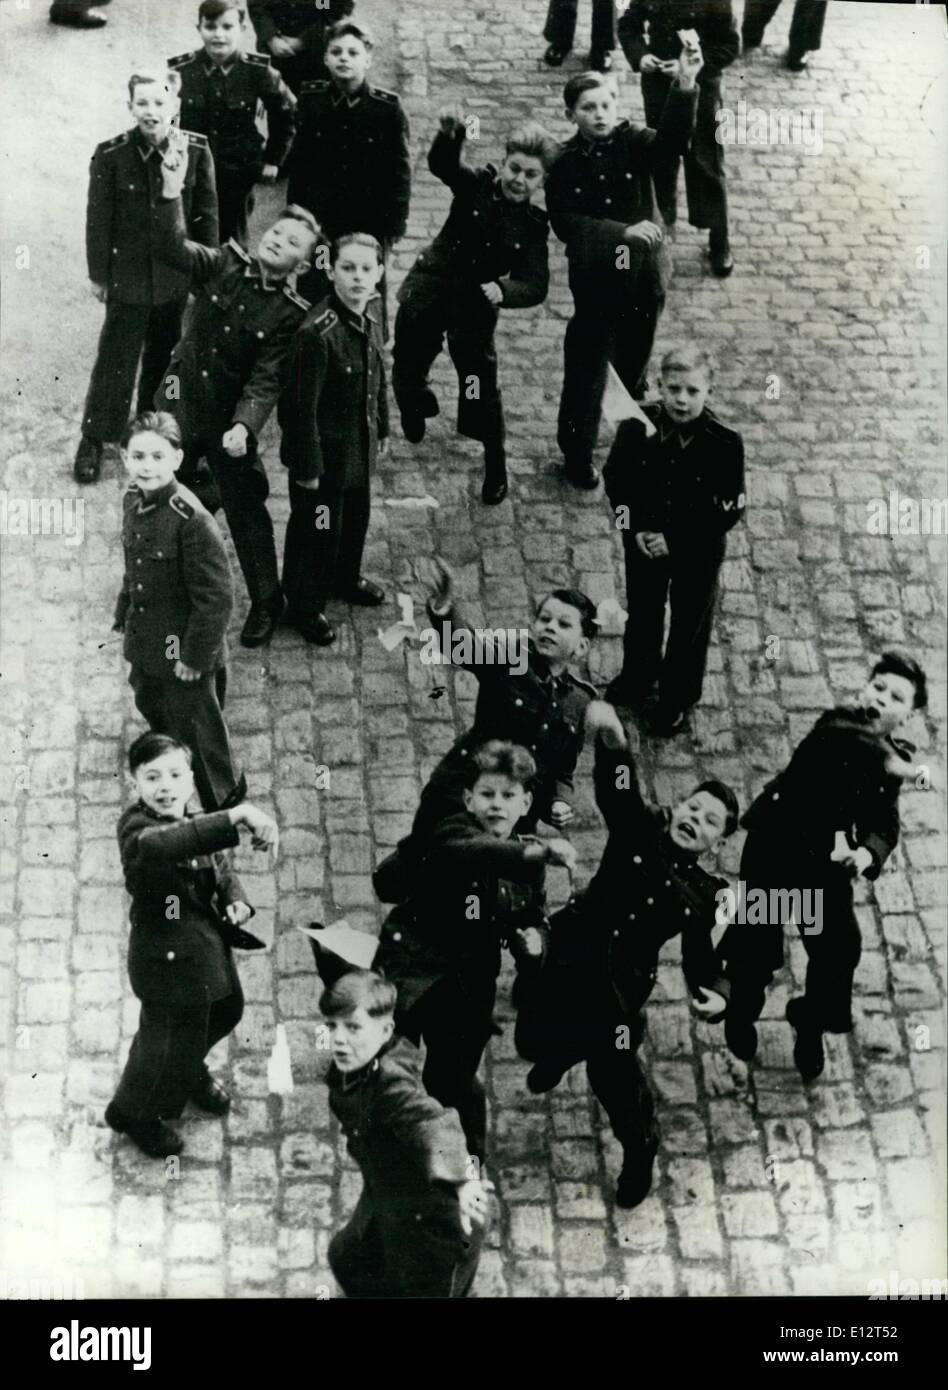 El 25 de febrero, 2012 - Los cadetes del ejército de Alemania Oriental en el DÍA. Como los chicos de todo el mundo, cuando los jóvenes como diversión con dardos de papel. El muchacho con ''V.D.'' en su brazalete es un monitor que los controles sobre la disciplina de sus compañeros, y no puede unirse a su juego. Imagen De Stock